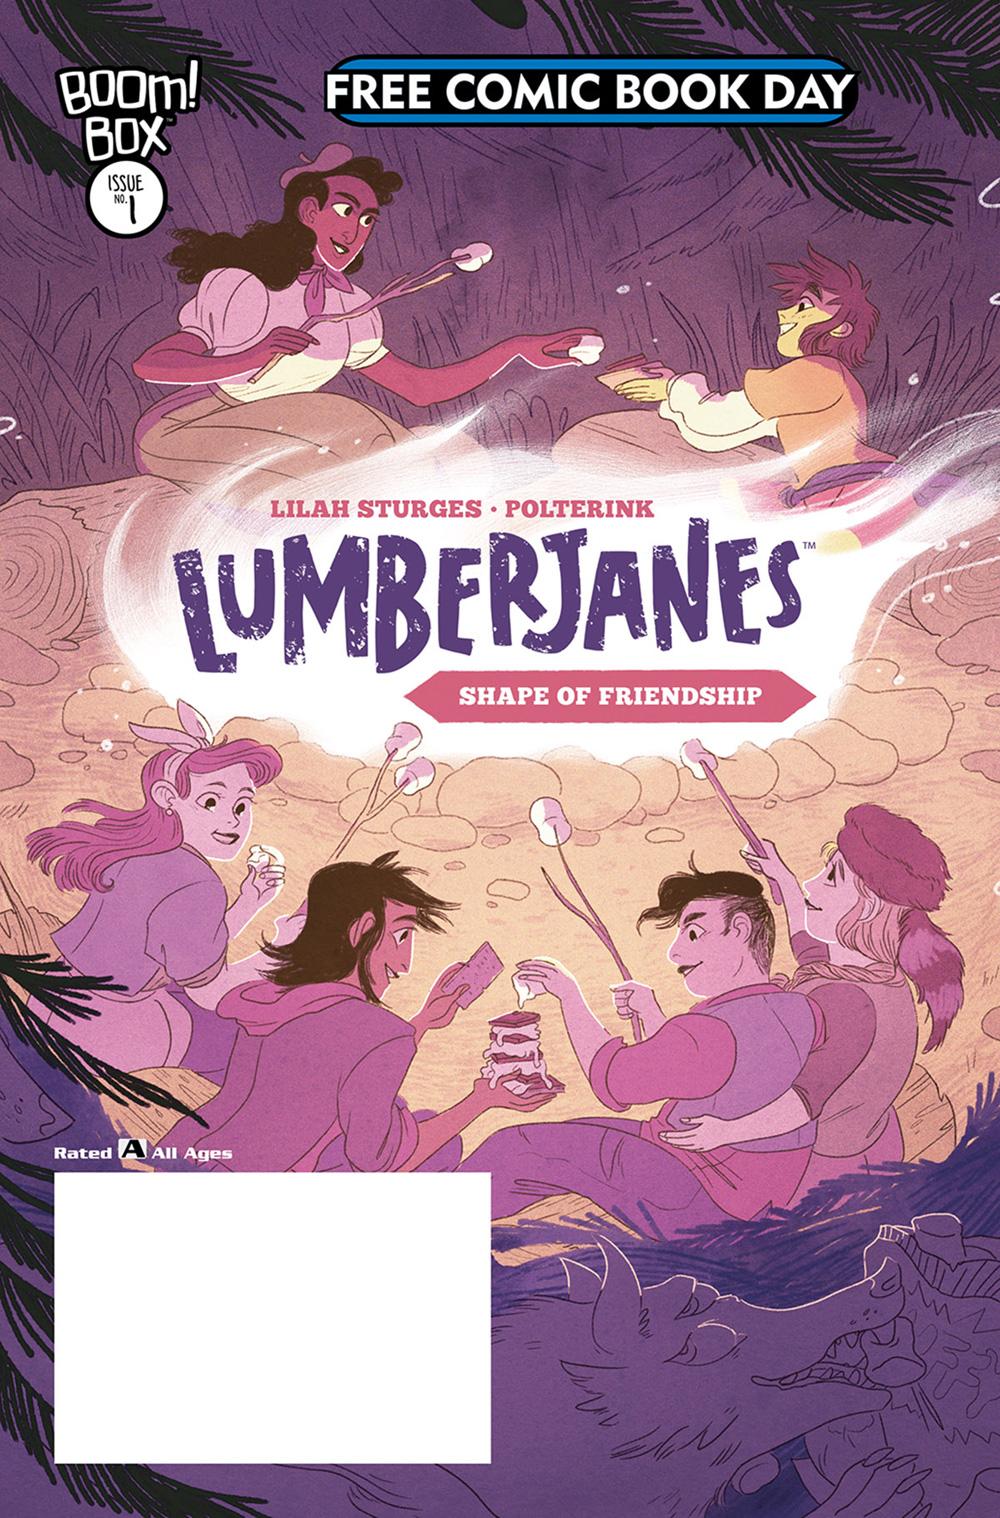 Lumberjane's The Shape of Friendship